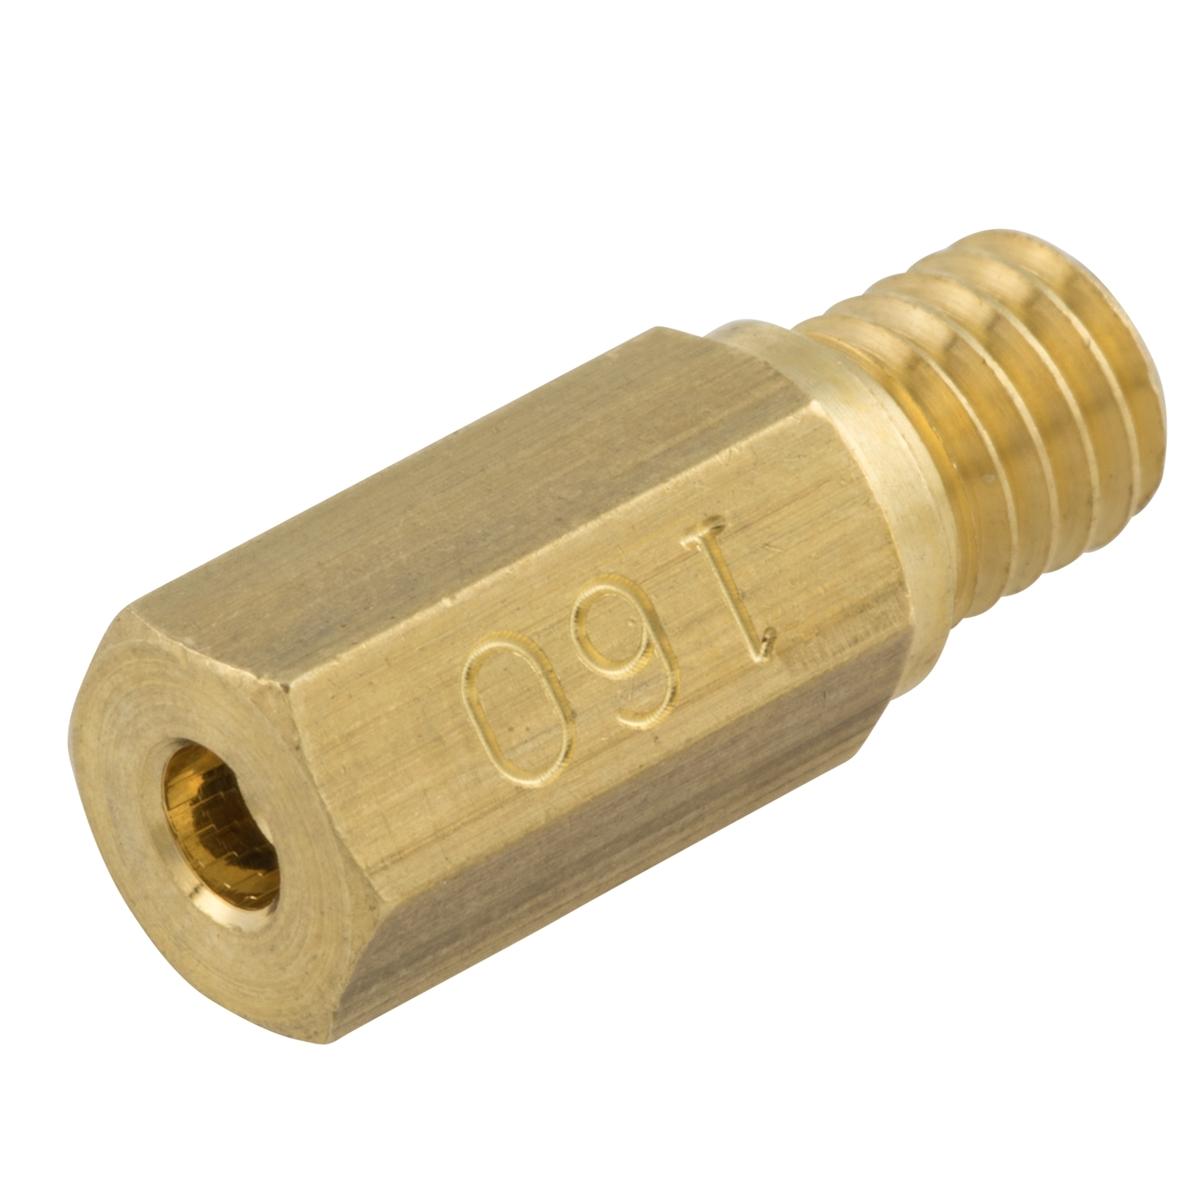 Productafbeelding voor 'Sproeier KMT 142 Ø 6 mmTitle'